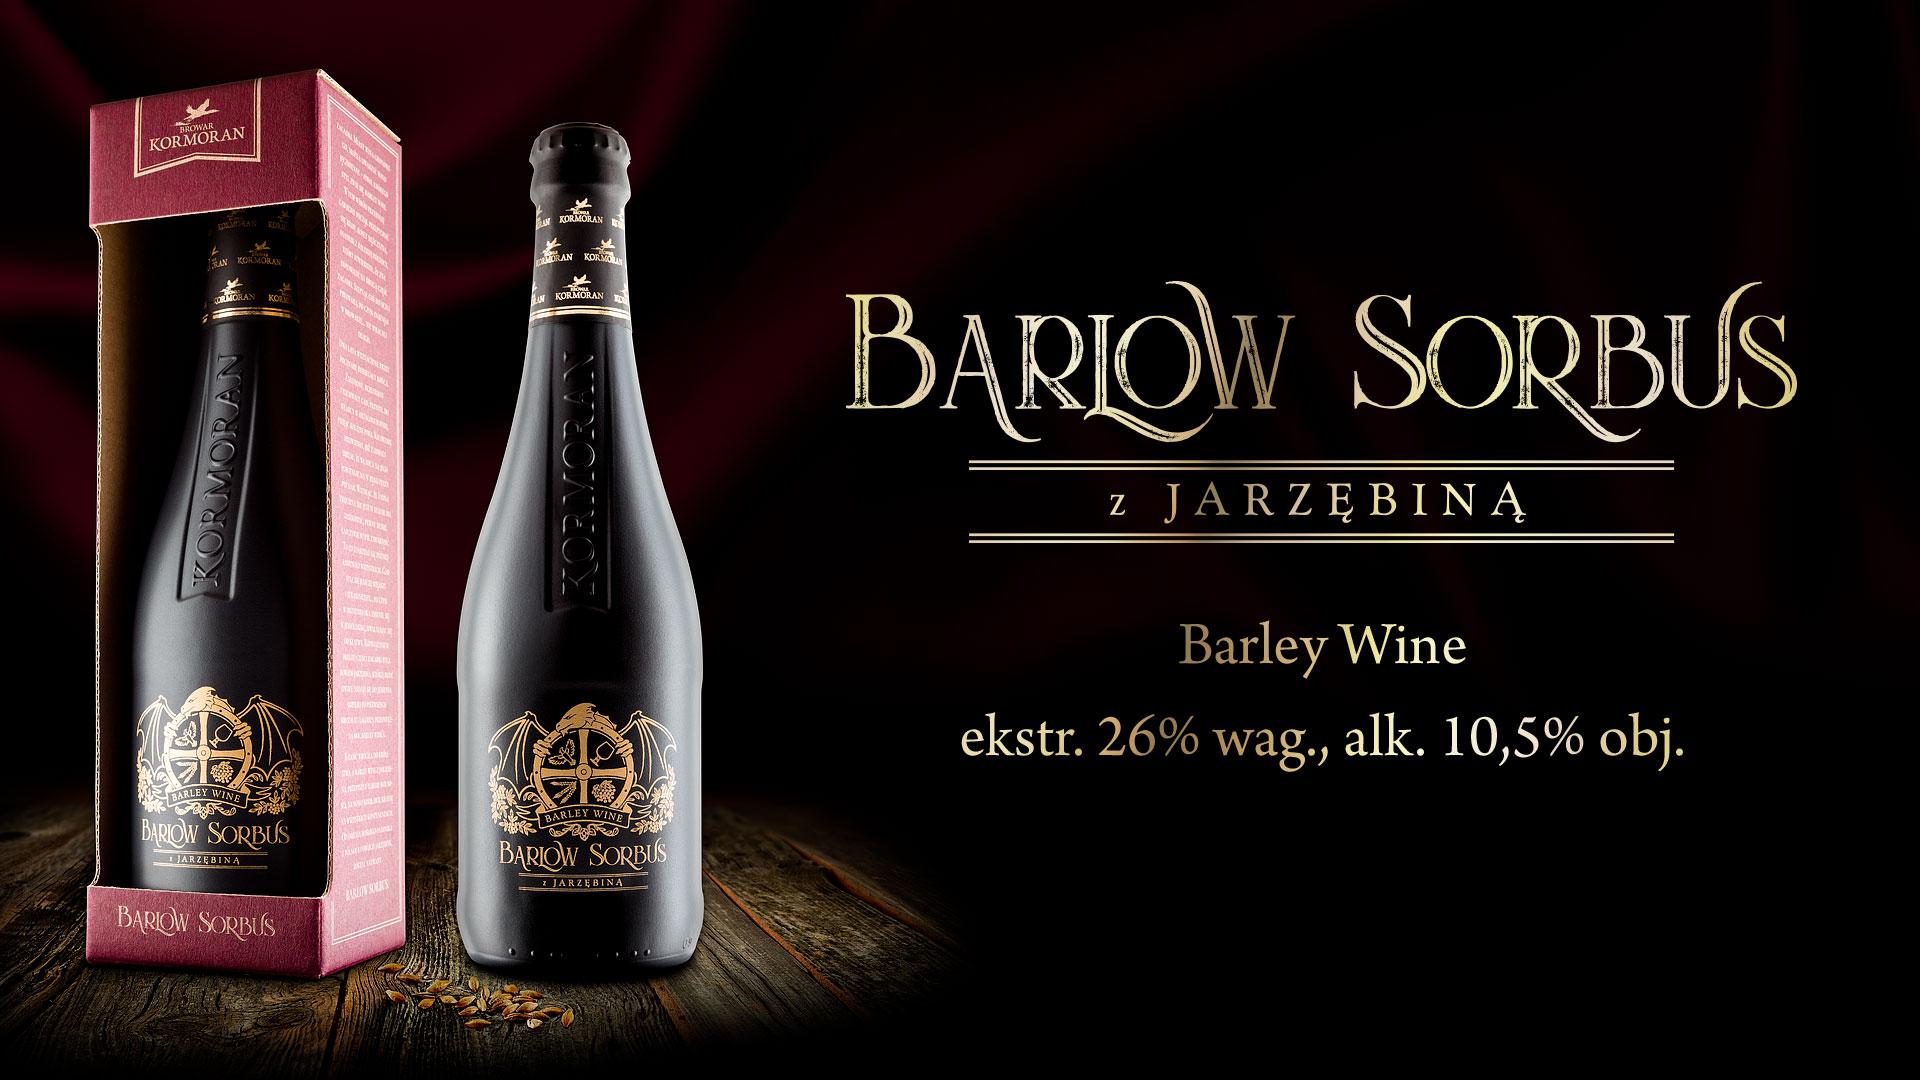 Piwo Barlow Sorbus - Browar Kormoran